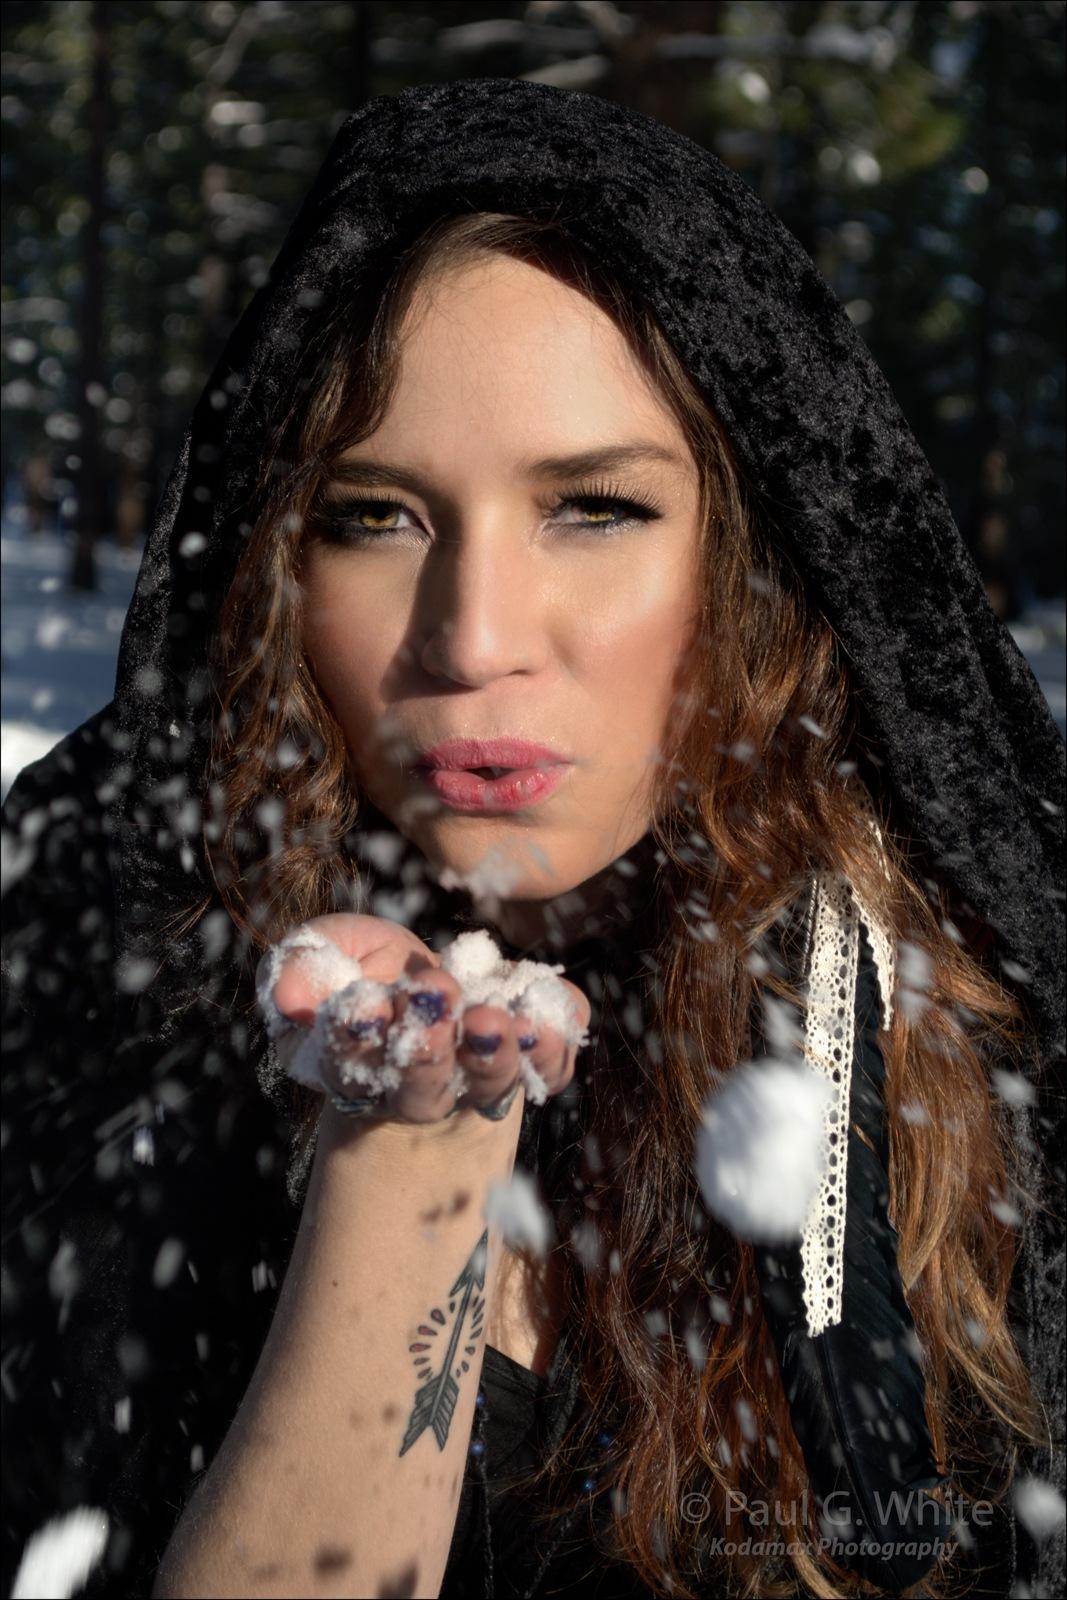 """""""Snowy Kiss"""" by paul.g.white"""